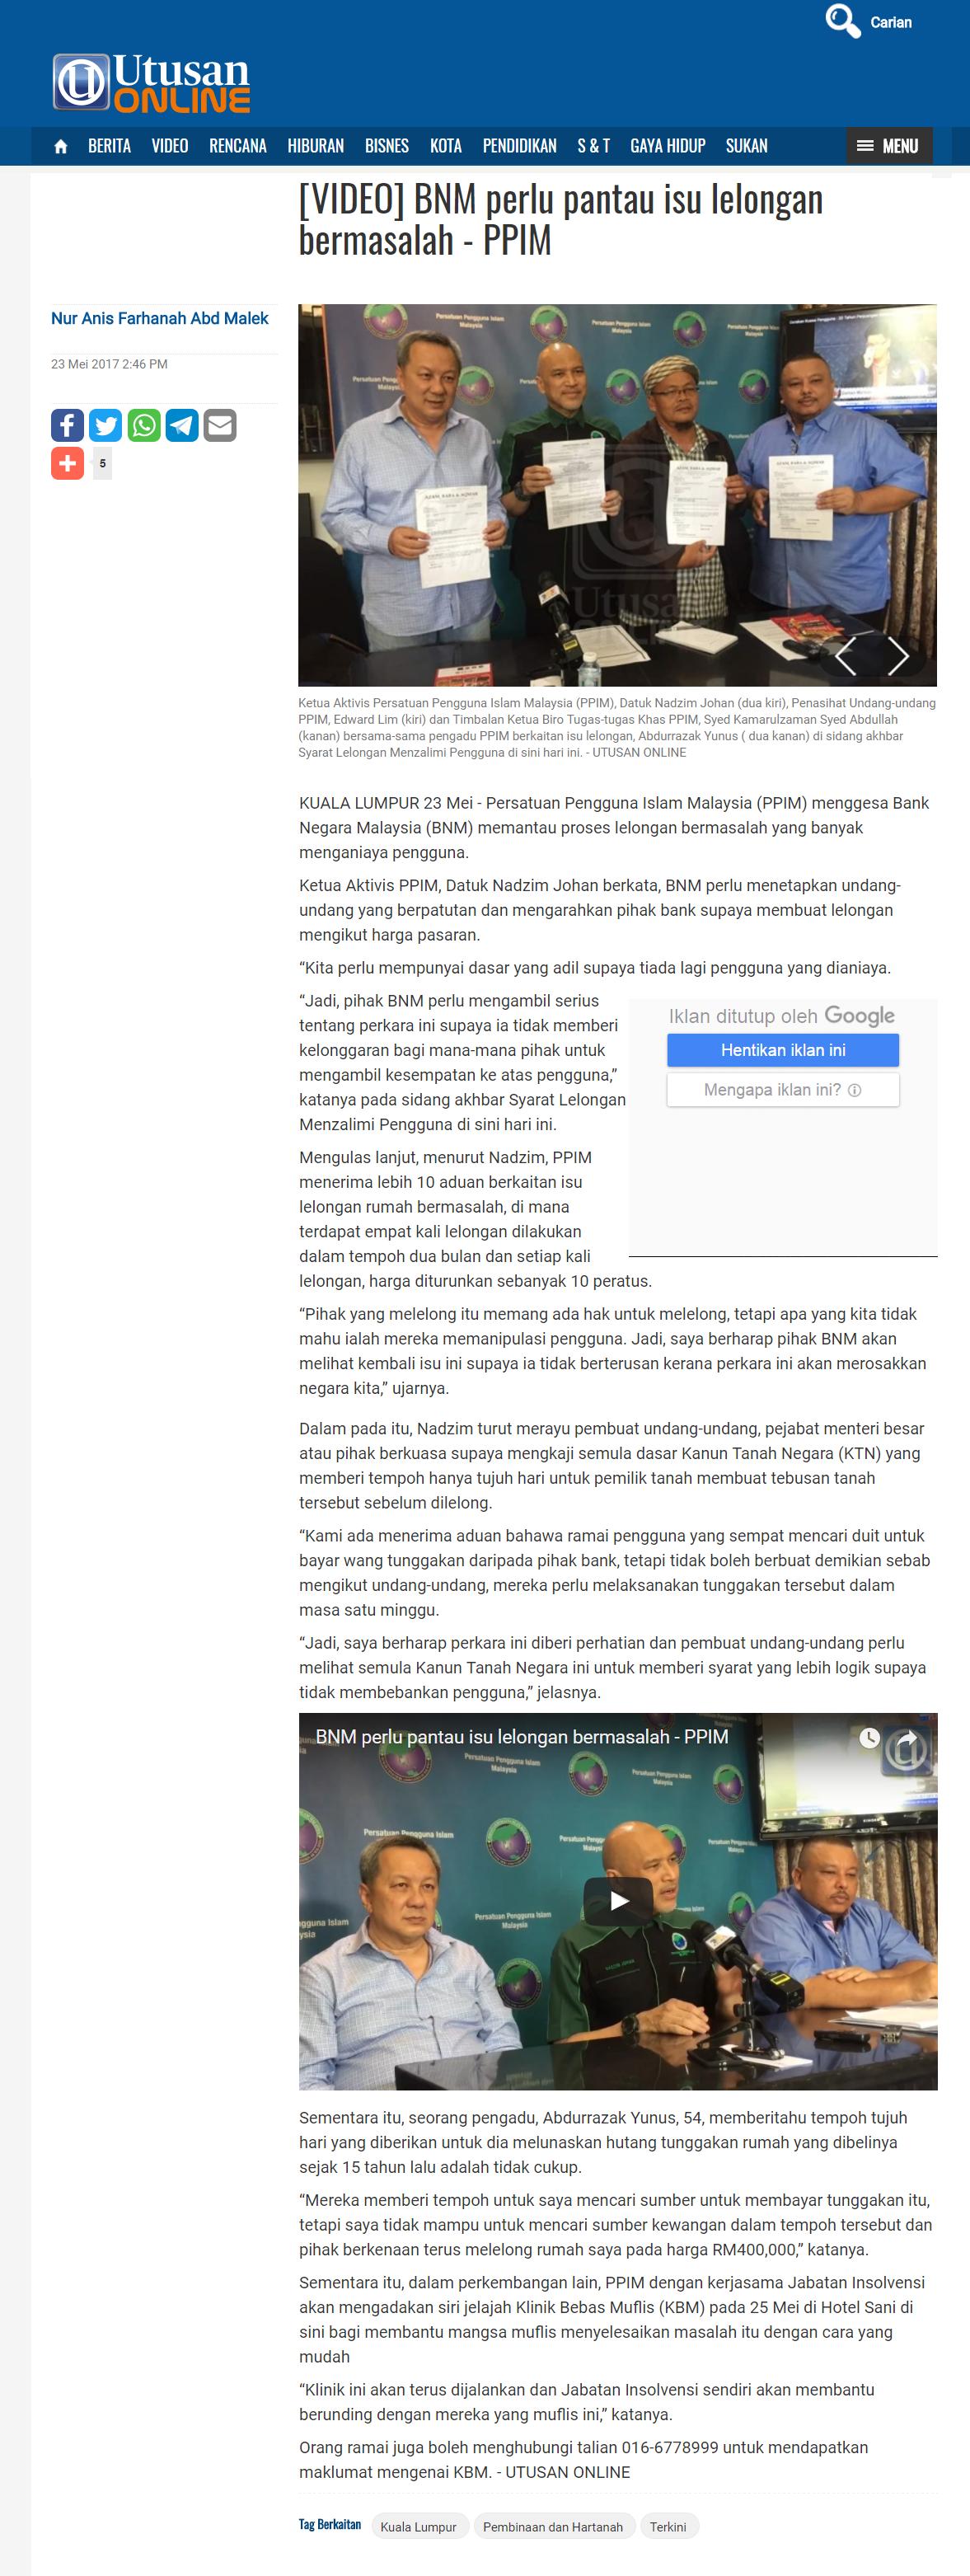 20170523 - Utusan Online - Perbankkan - [VIDEO] BNM perlu pantau isu lelongan bermasalah - PPIM